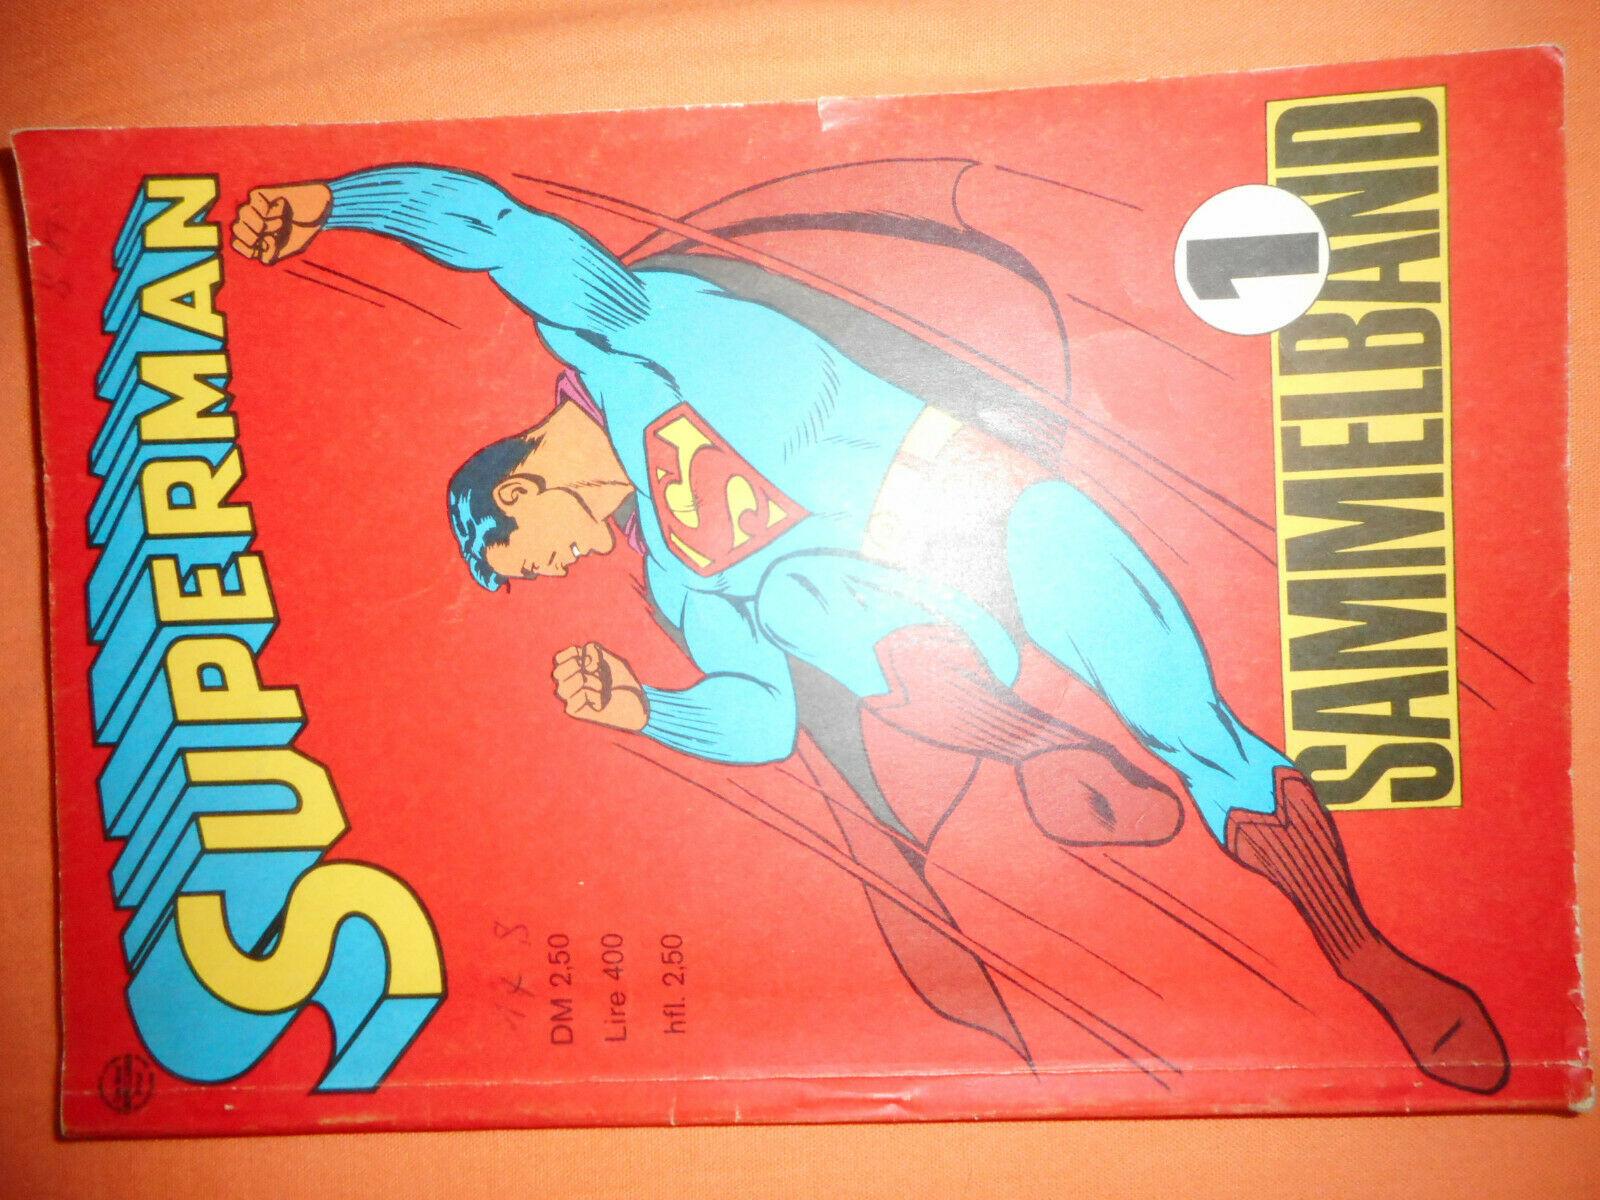 Superman Sammelband Nr. 1 - 1967 - Ehapa Verlag - Z2